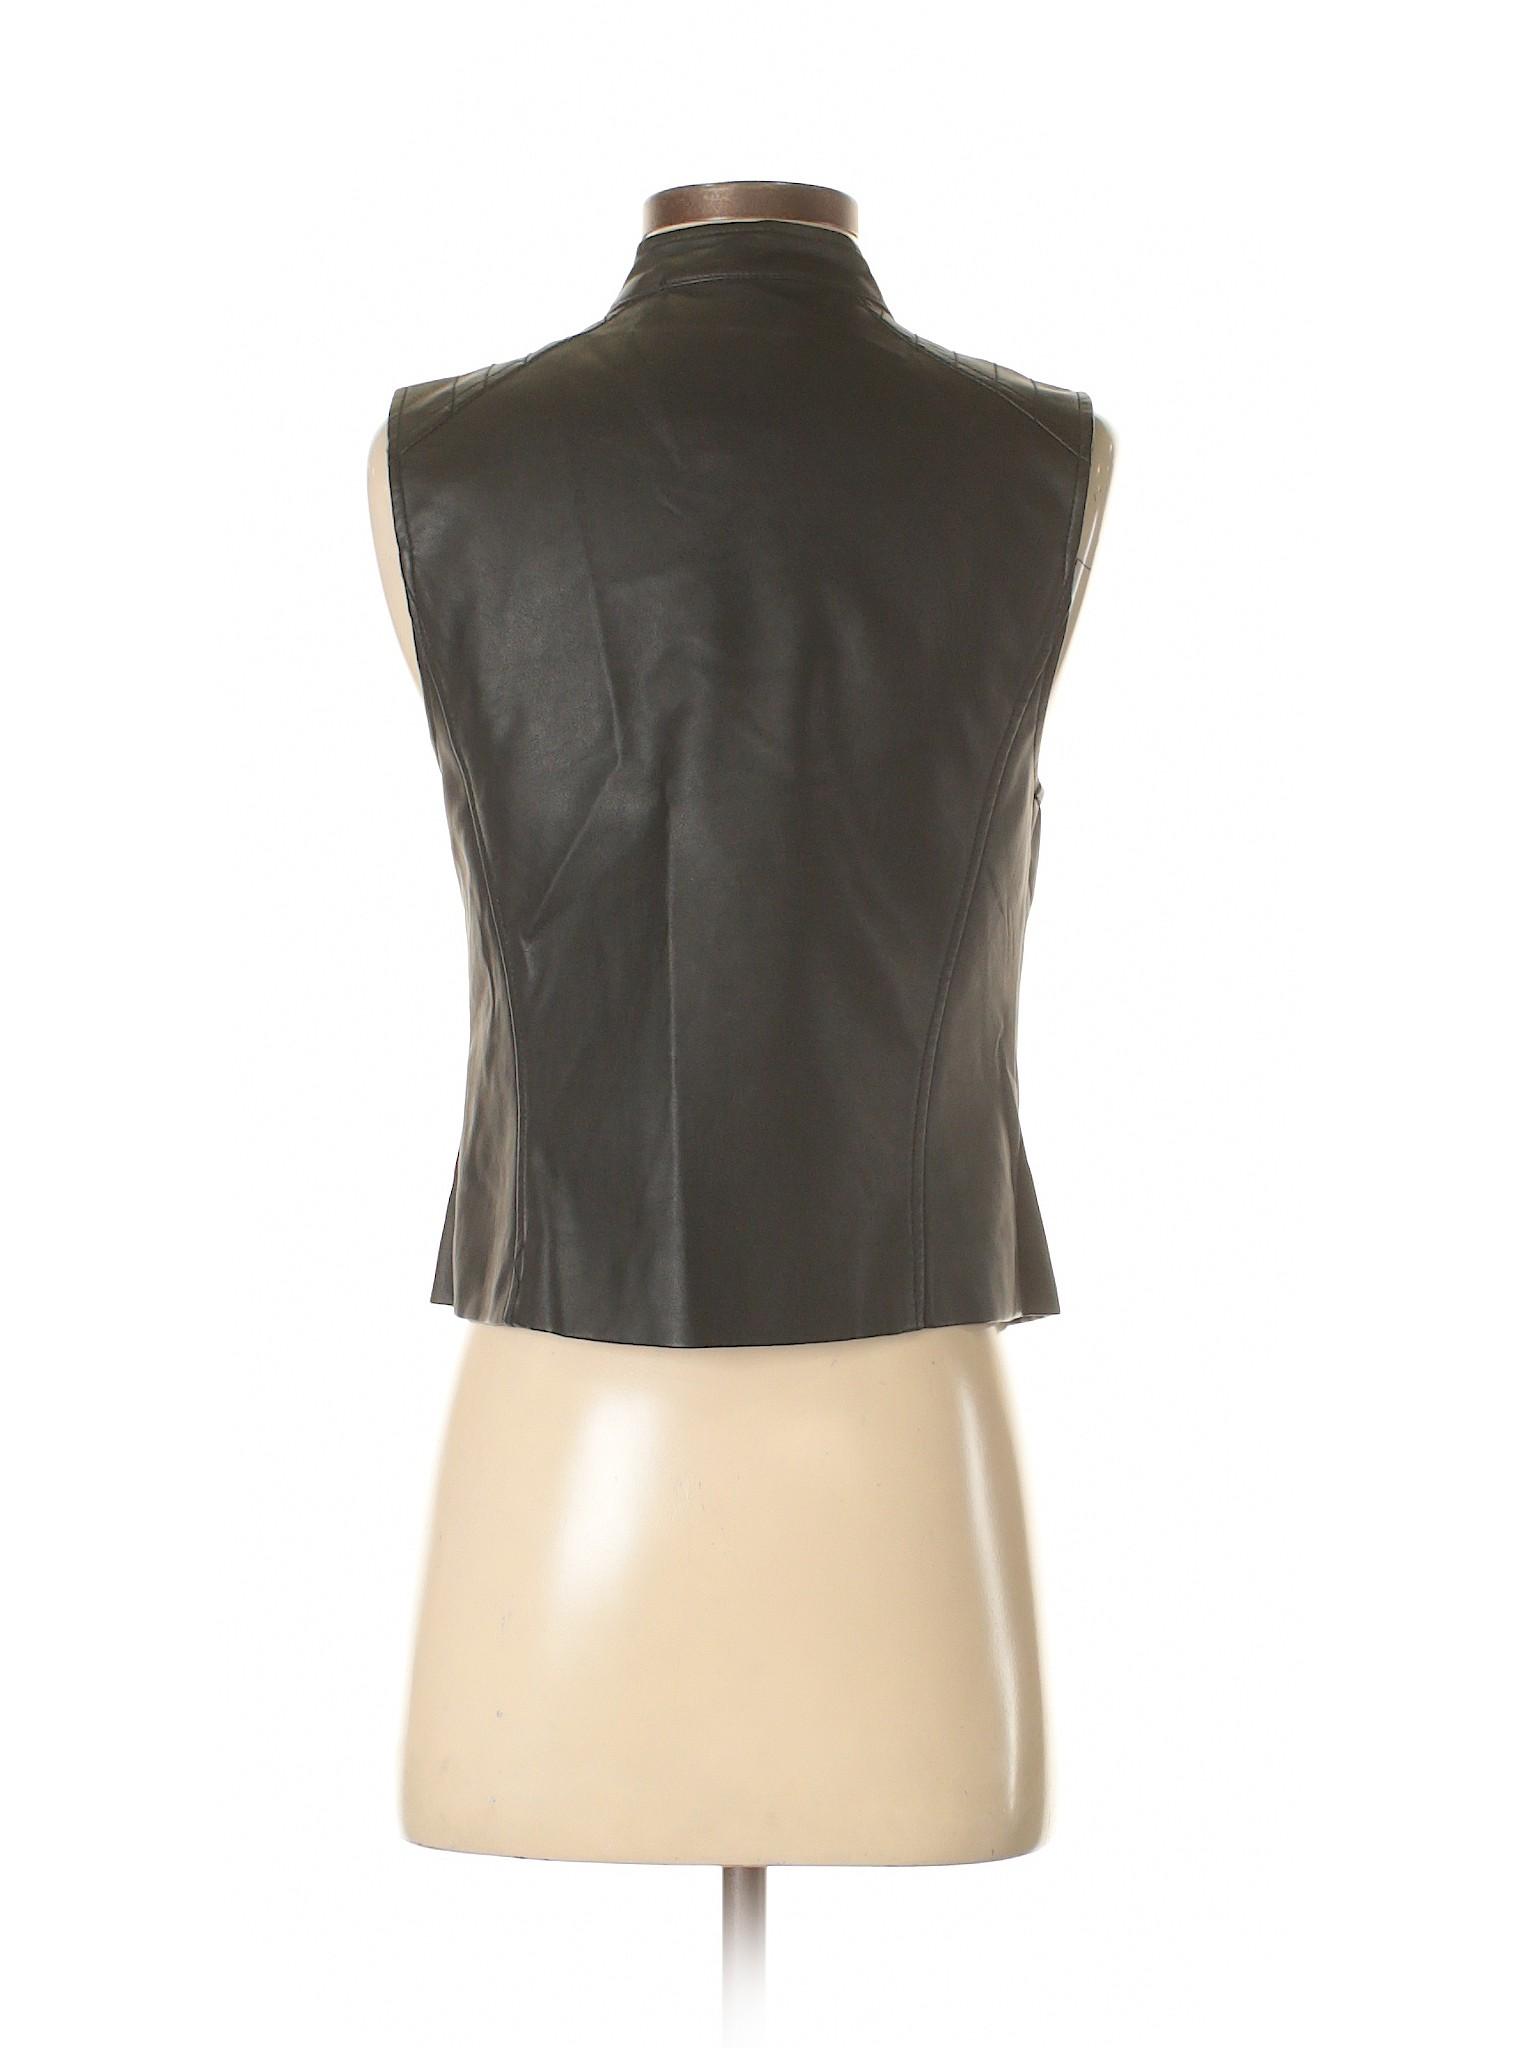 Faux Jack leisure Jacket Leather Boutique x5wSY4q66E